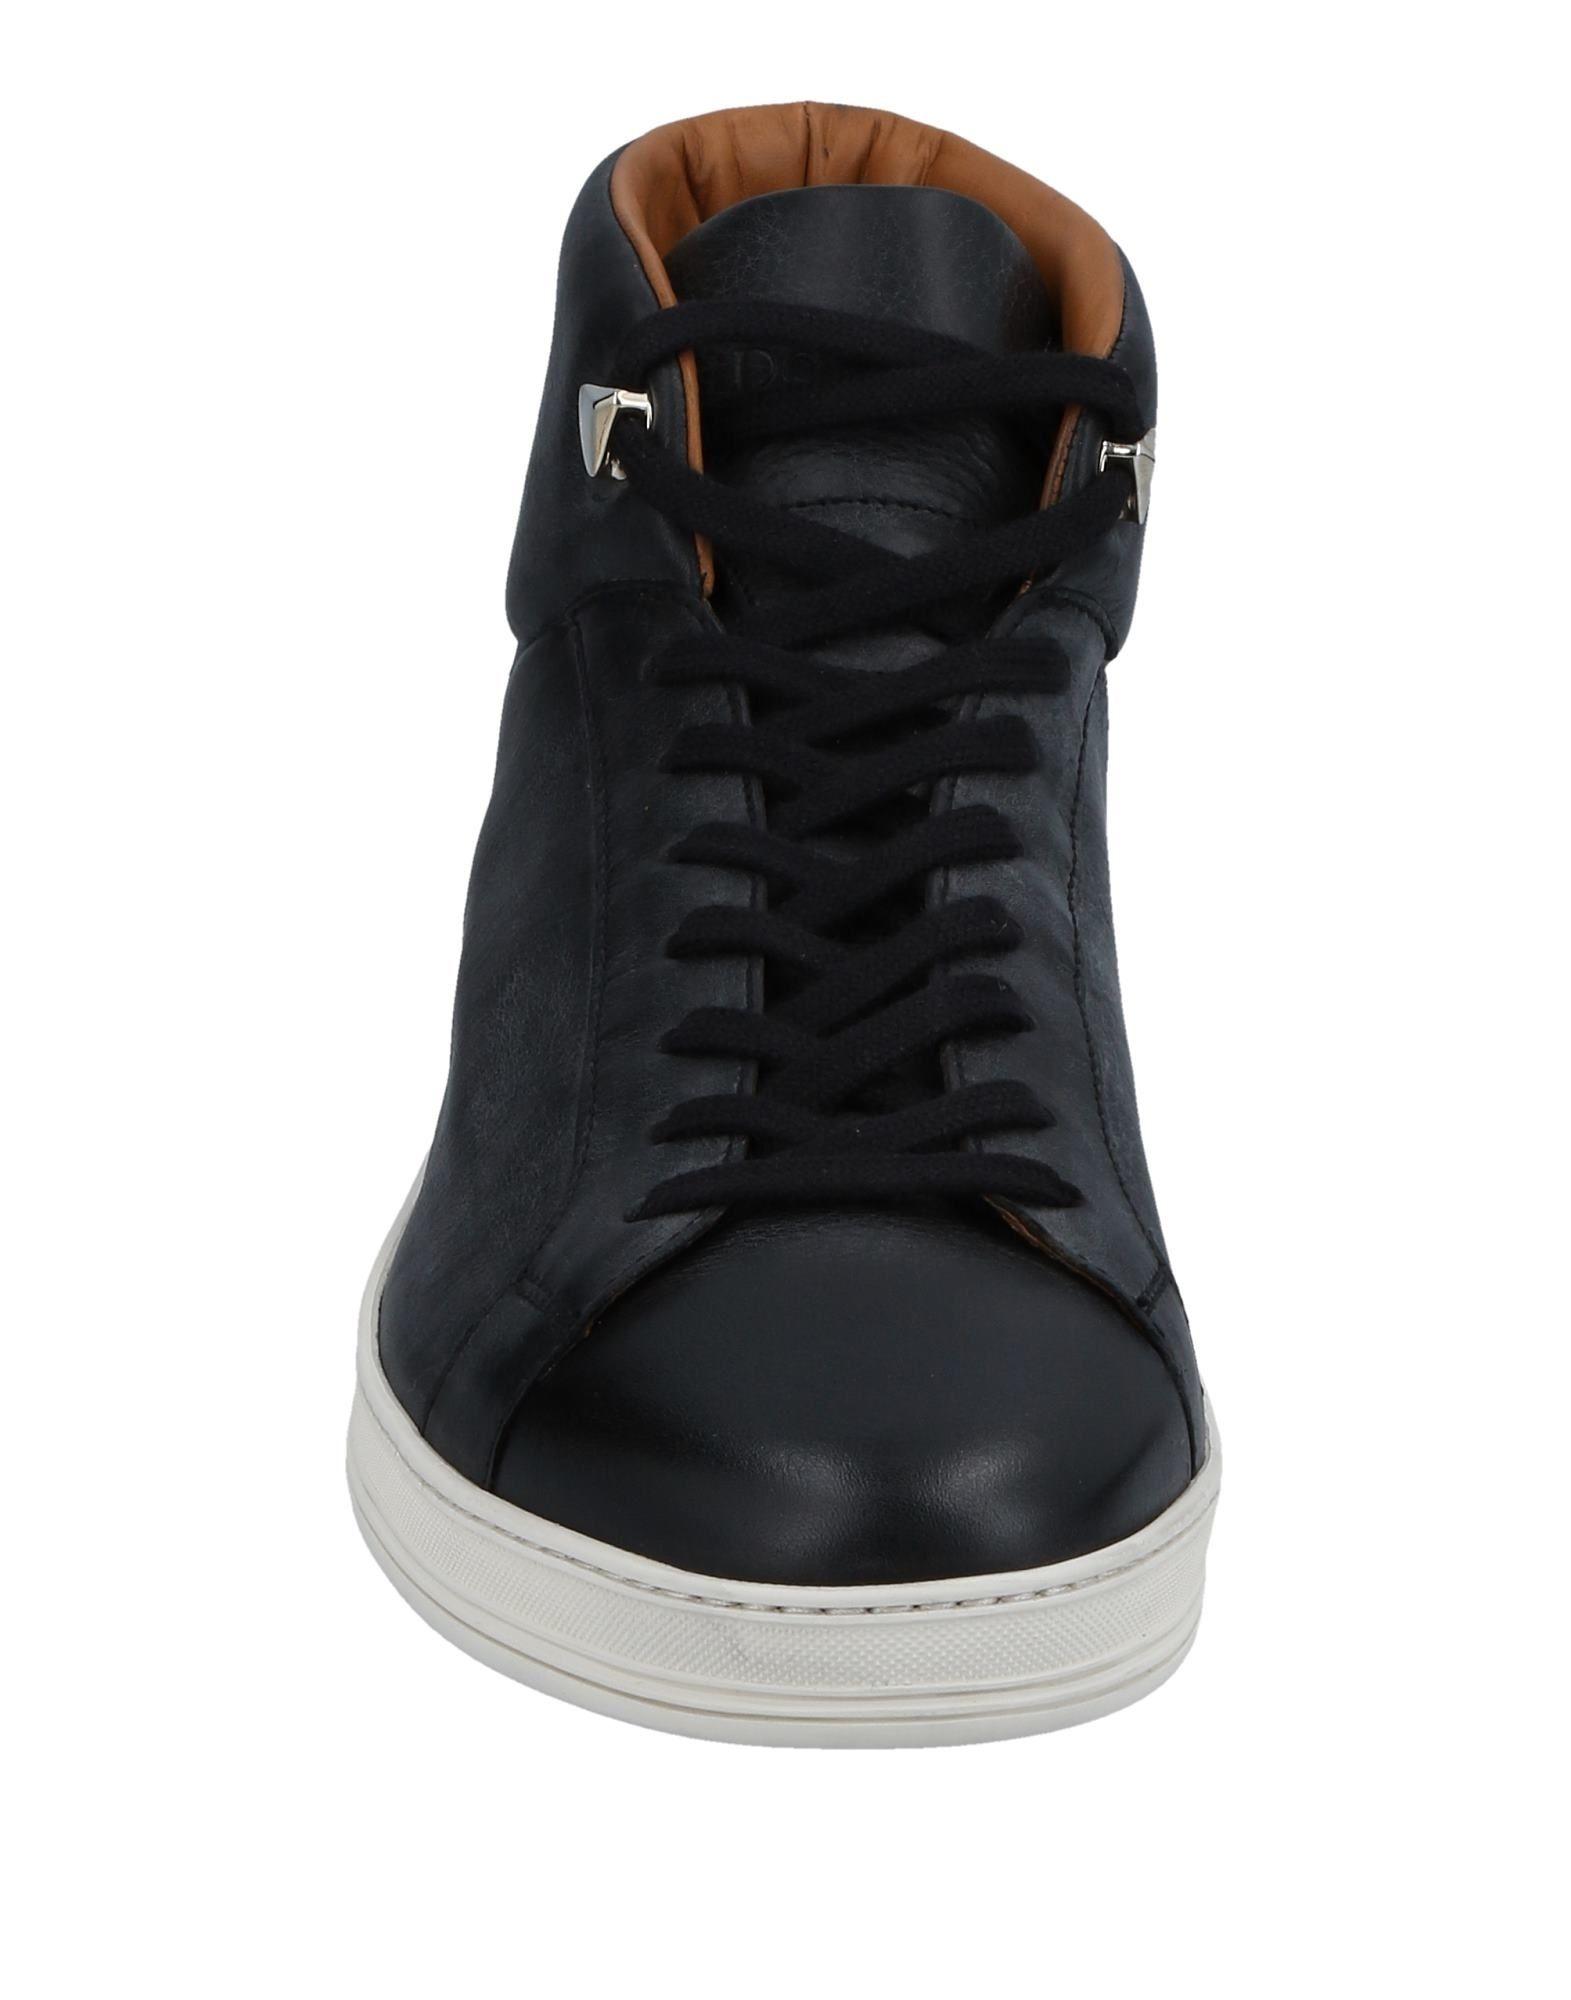 Doucal's Sneakers Herren  11506489BS Schuhe Gute Qualität beliebte Schuhe 11506489BS b1b32f